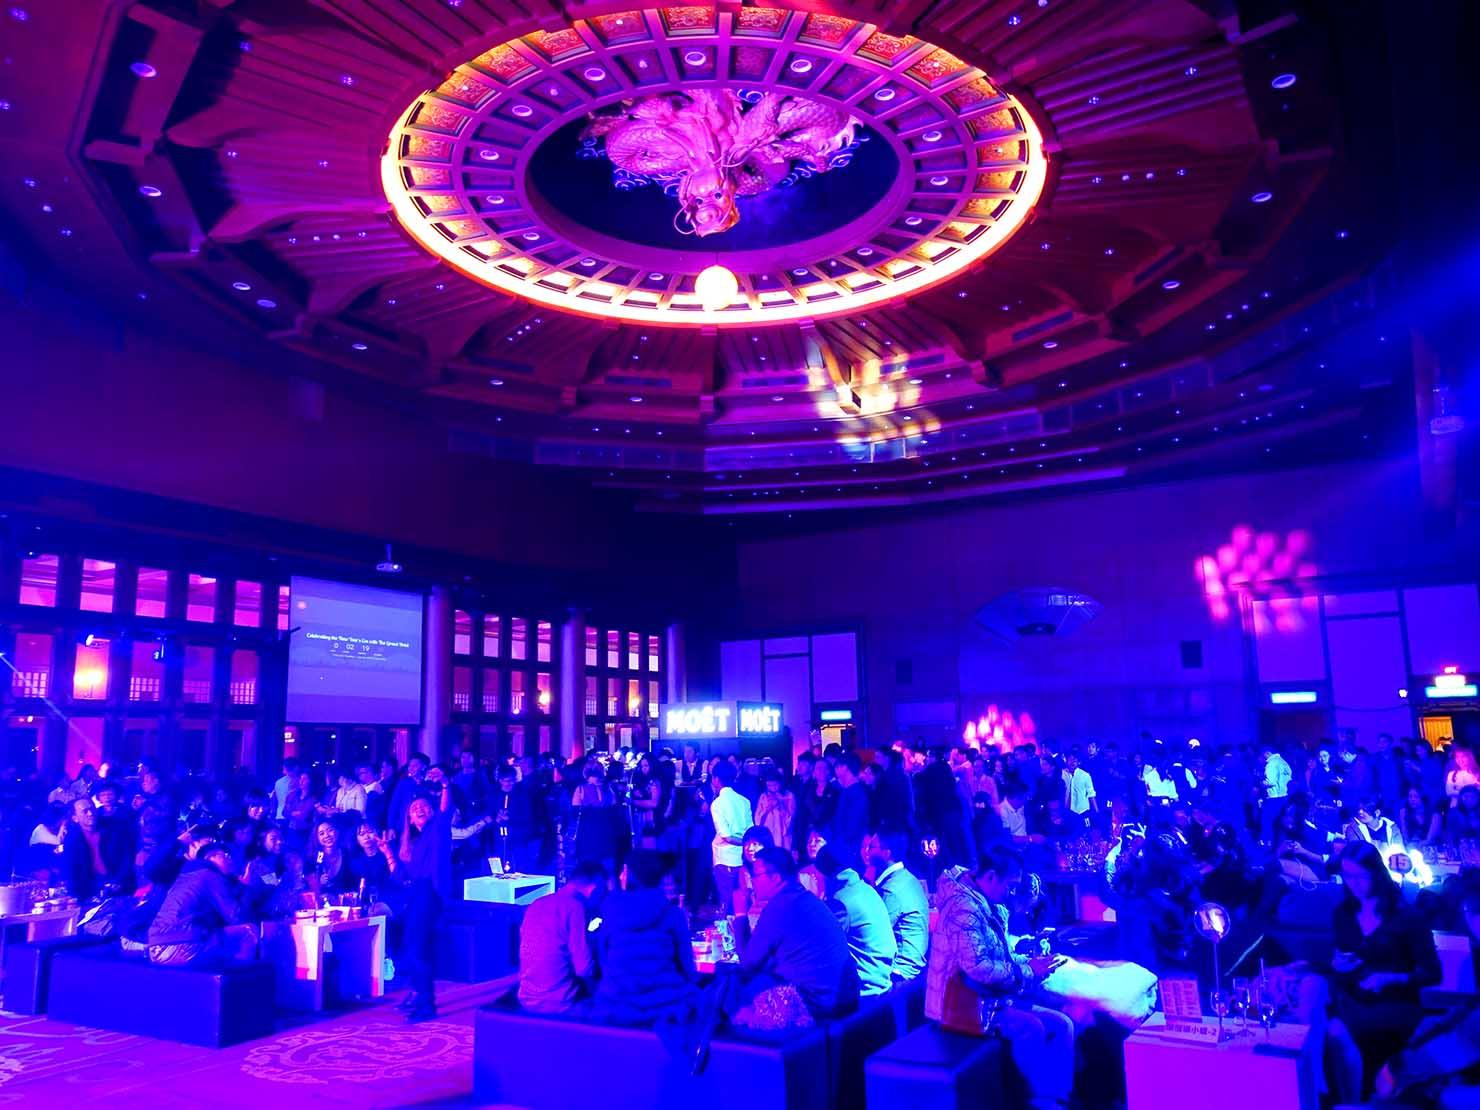 台北・圓山大飯店のカウントダウンパーティー「Bling Bling跨年派對」の会場に集まる人々